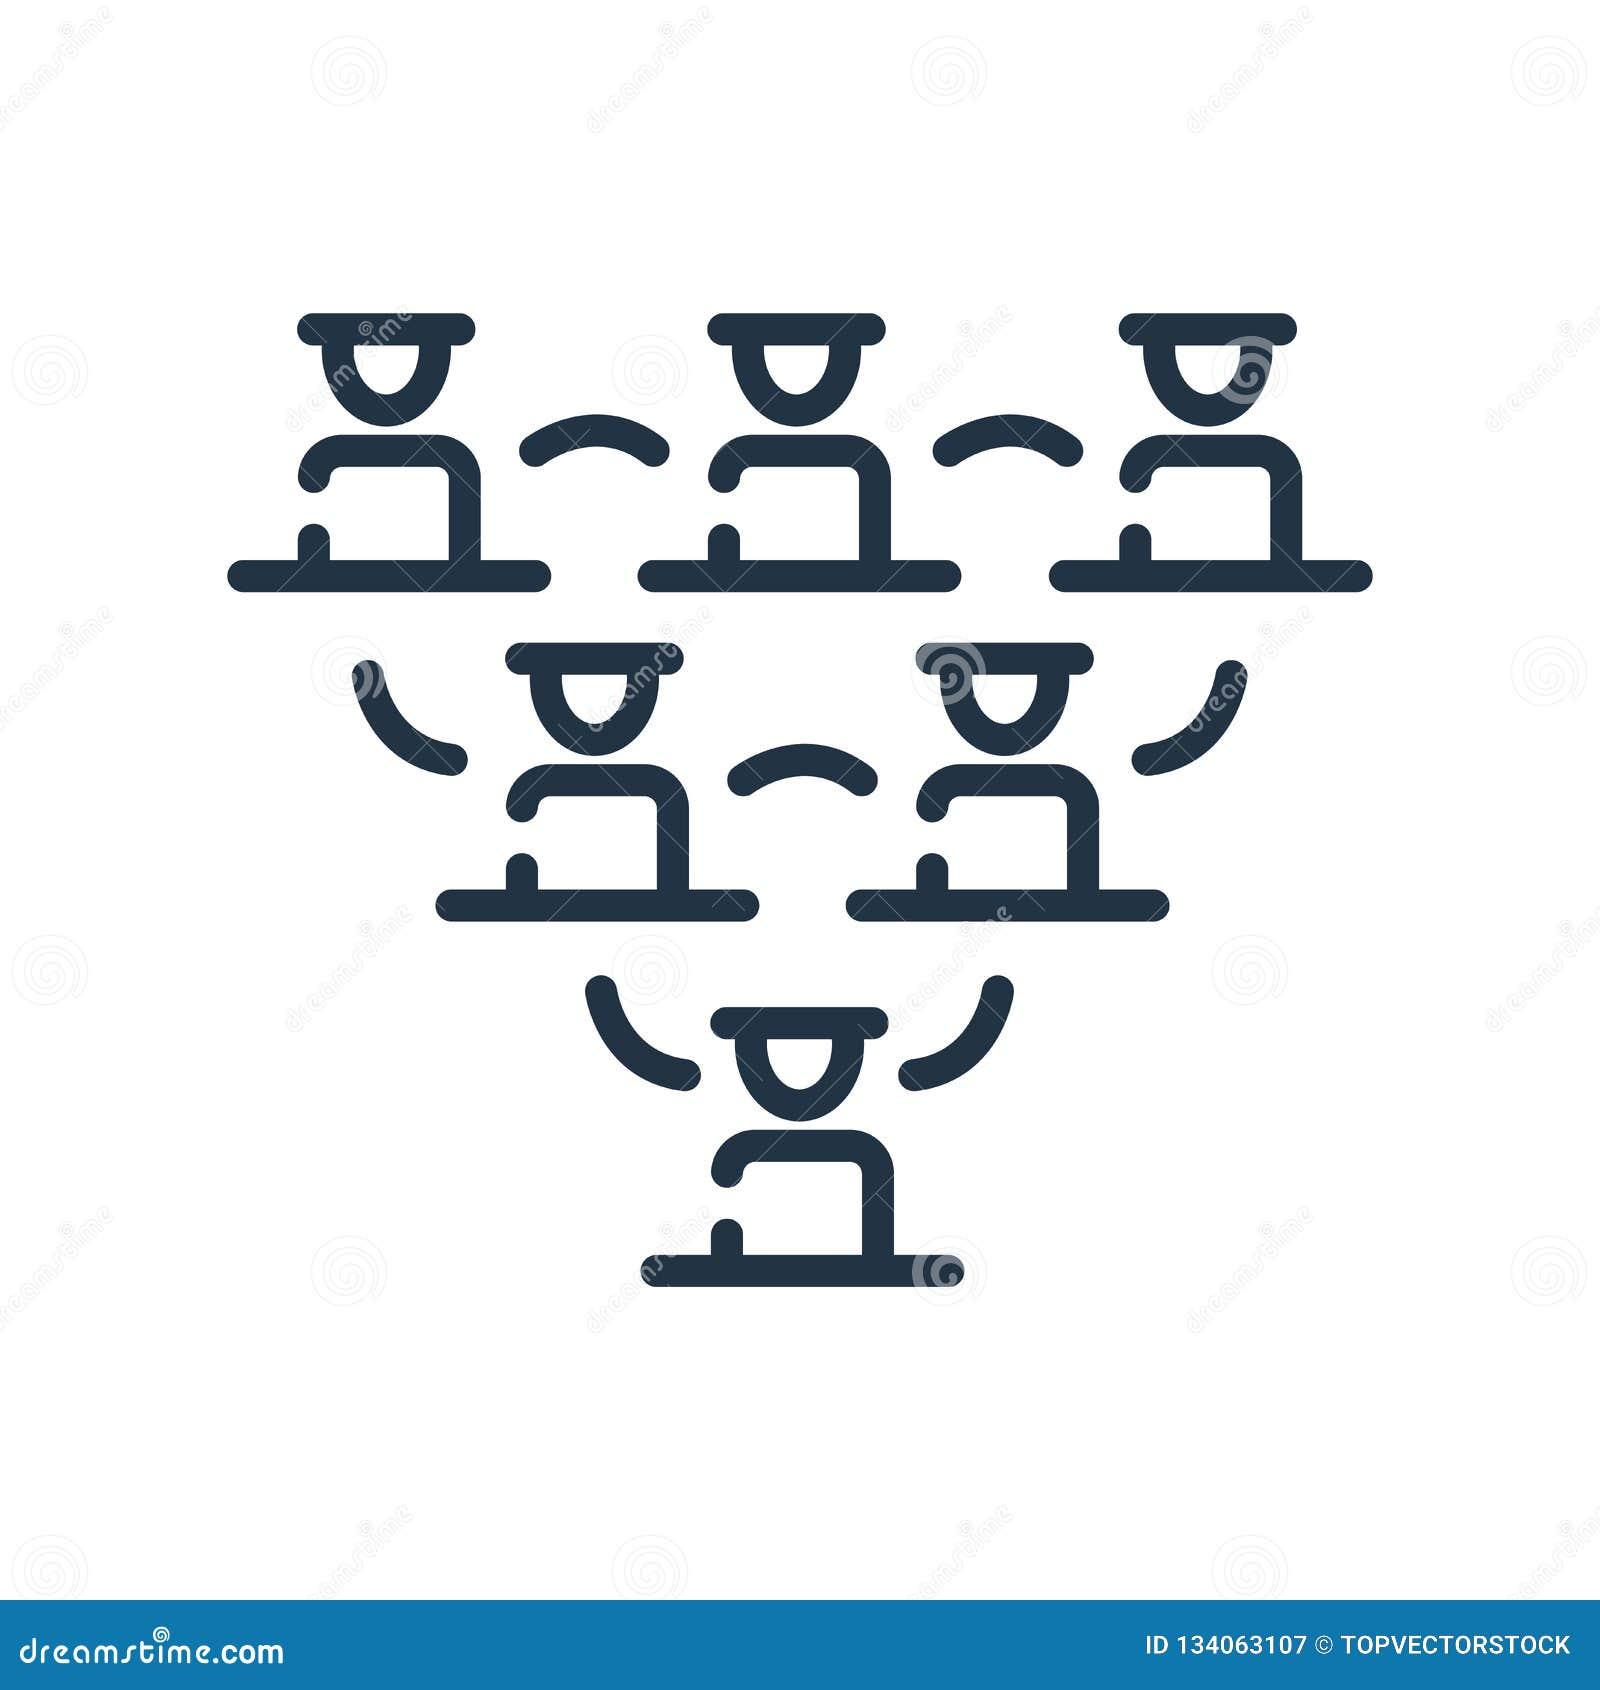 Symbolsvektor för hierarkisk struktur som isoleras på vit bakgrund, tecken för hierarkisk struktur, linjen symbol eller linjär be